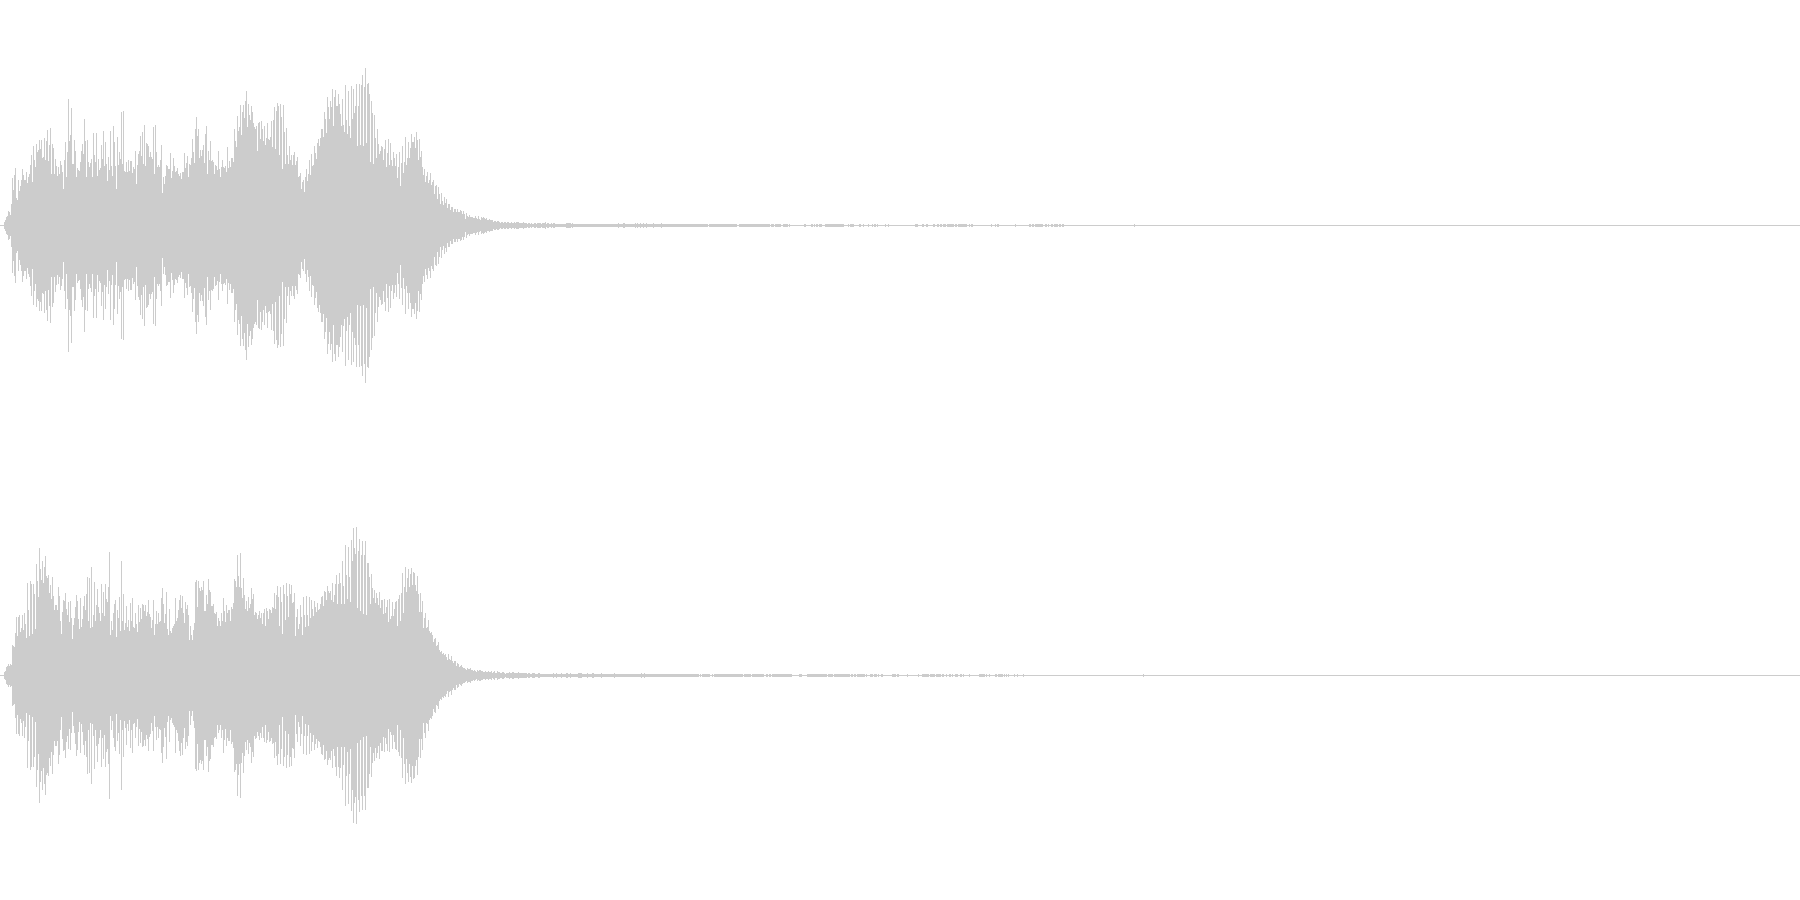 トランペット ファンファーレ 定番 1の未再生の波形